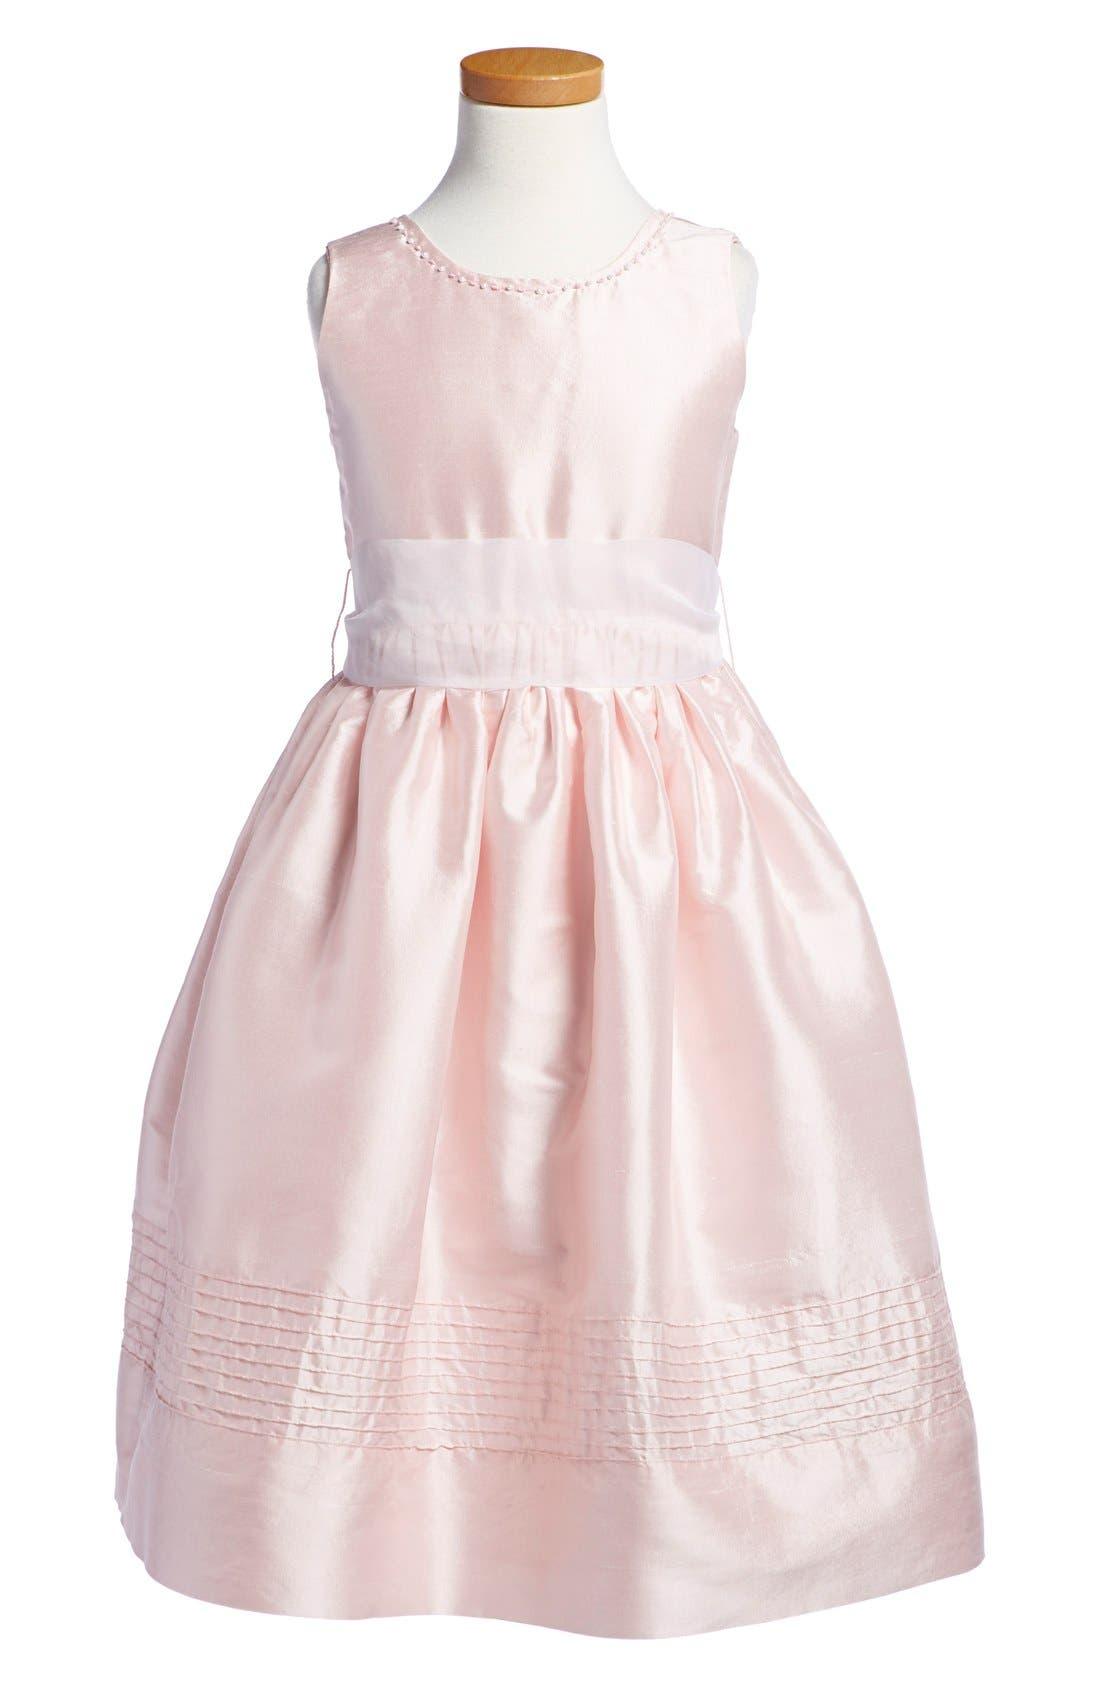 'Melody' Sleeveless Dress,                             Main thumbnail 1, color,                             689